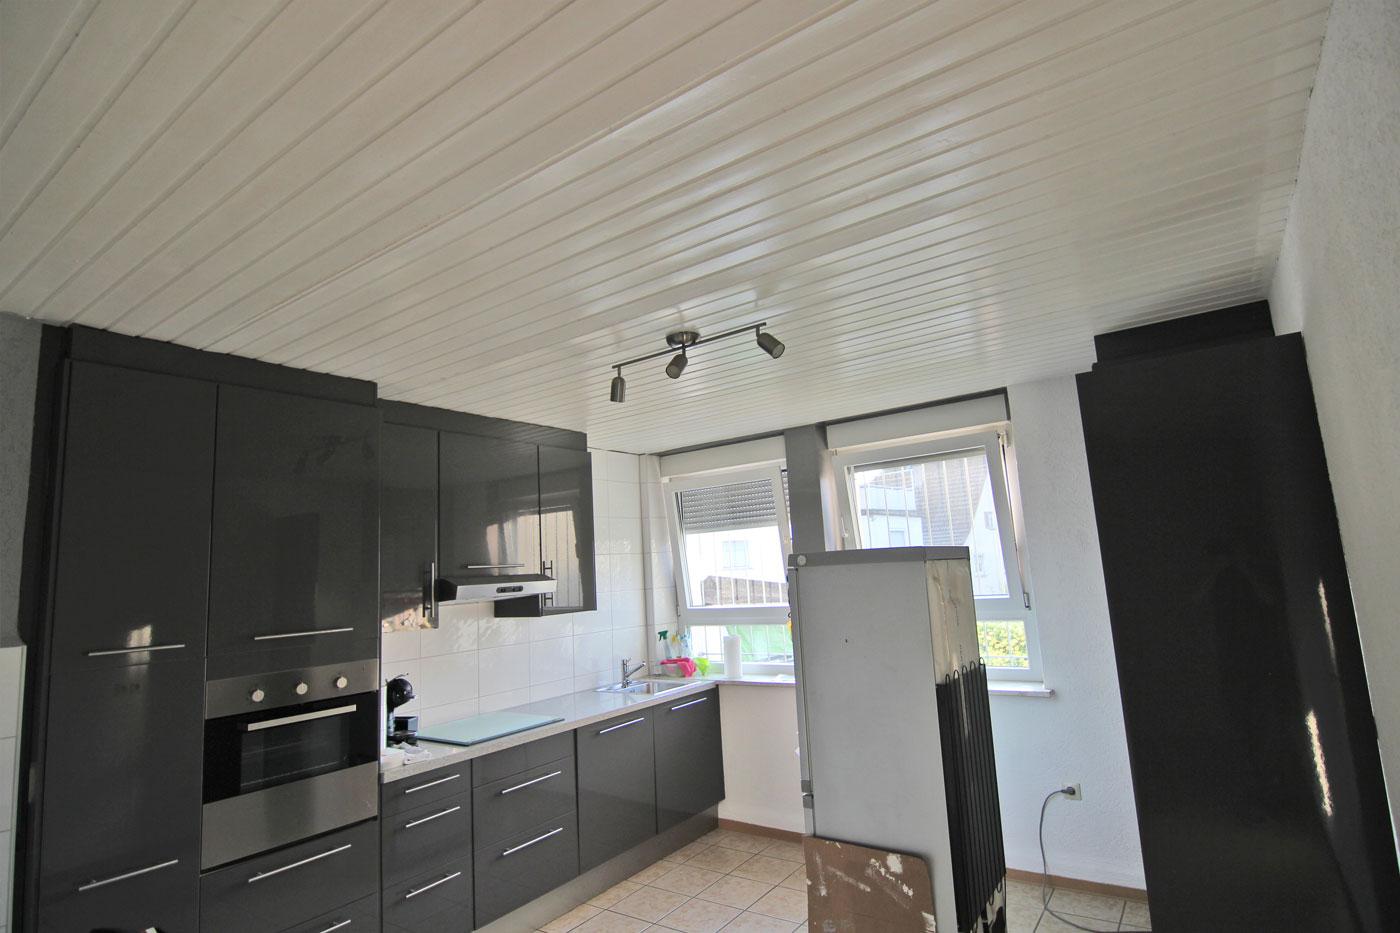 spanndecke in der k che freudental spanndeckenstudio teller in talheim bei heilbronn. Black Bedroom Furniture Sets. Home Design Ideas